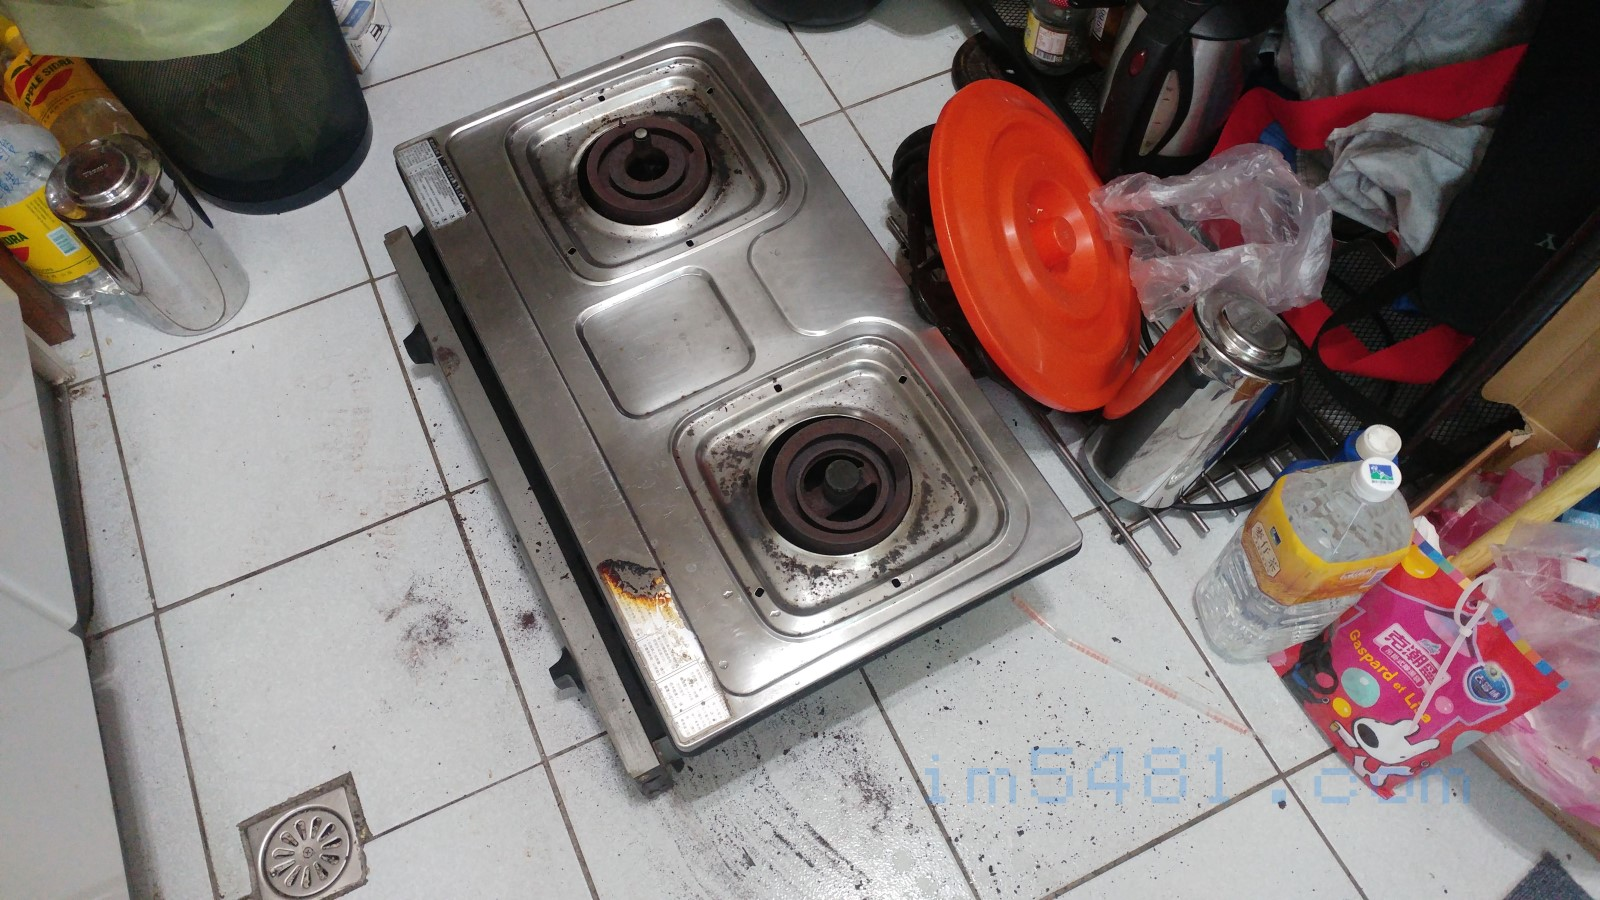 取下來的櫻花崁入式瓦斯爐。記得! 日後一定要買耐熱玻璃板版的,這才好清潔!